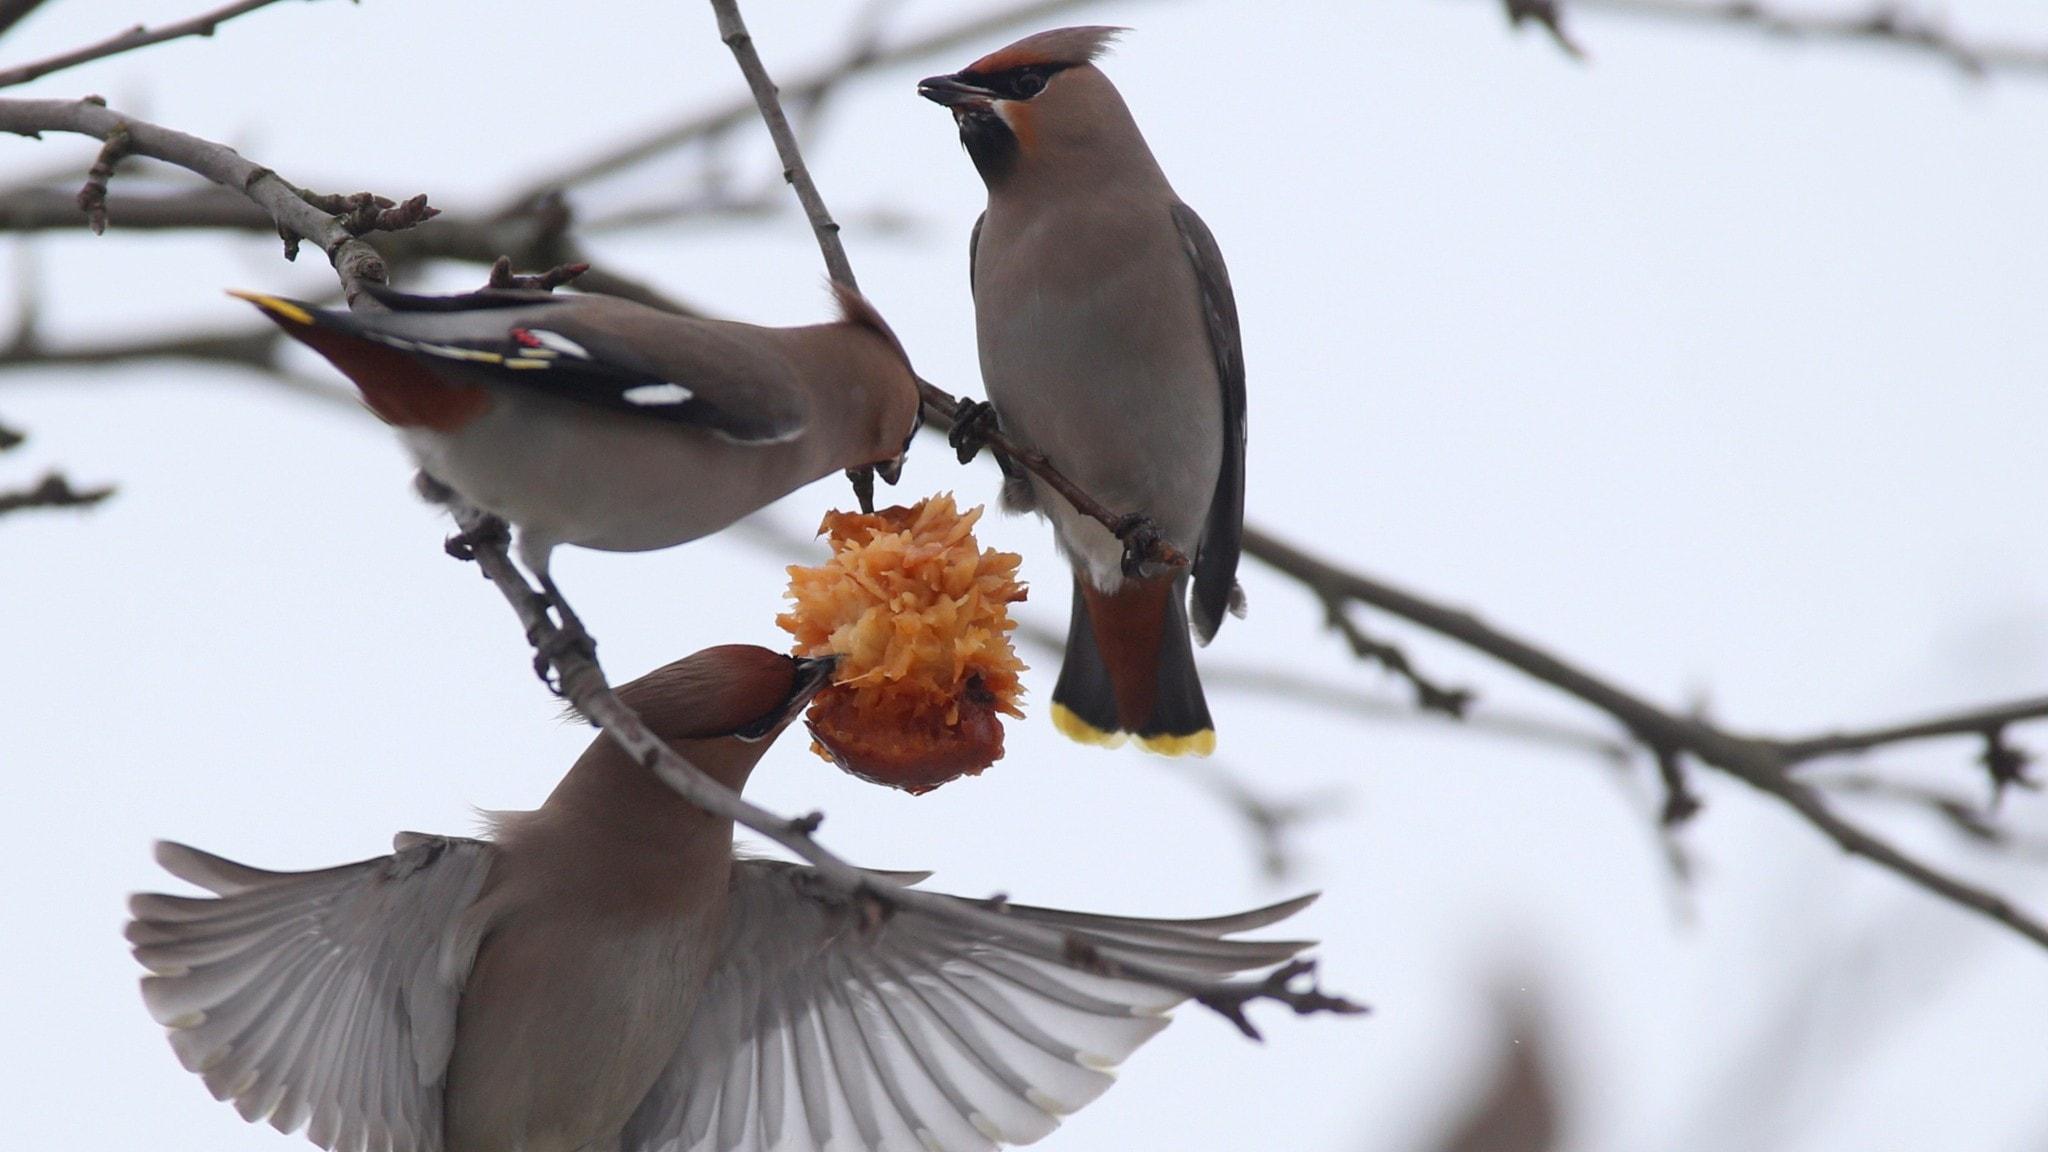 Fågelsånglektion #21: Sidensvans, stjärtmes, korsnäbb och domherre